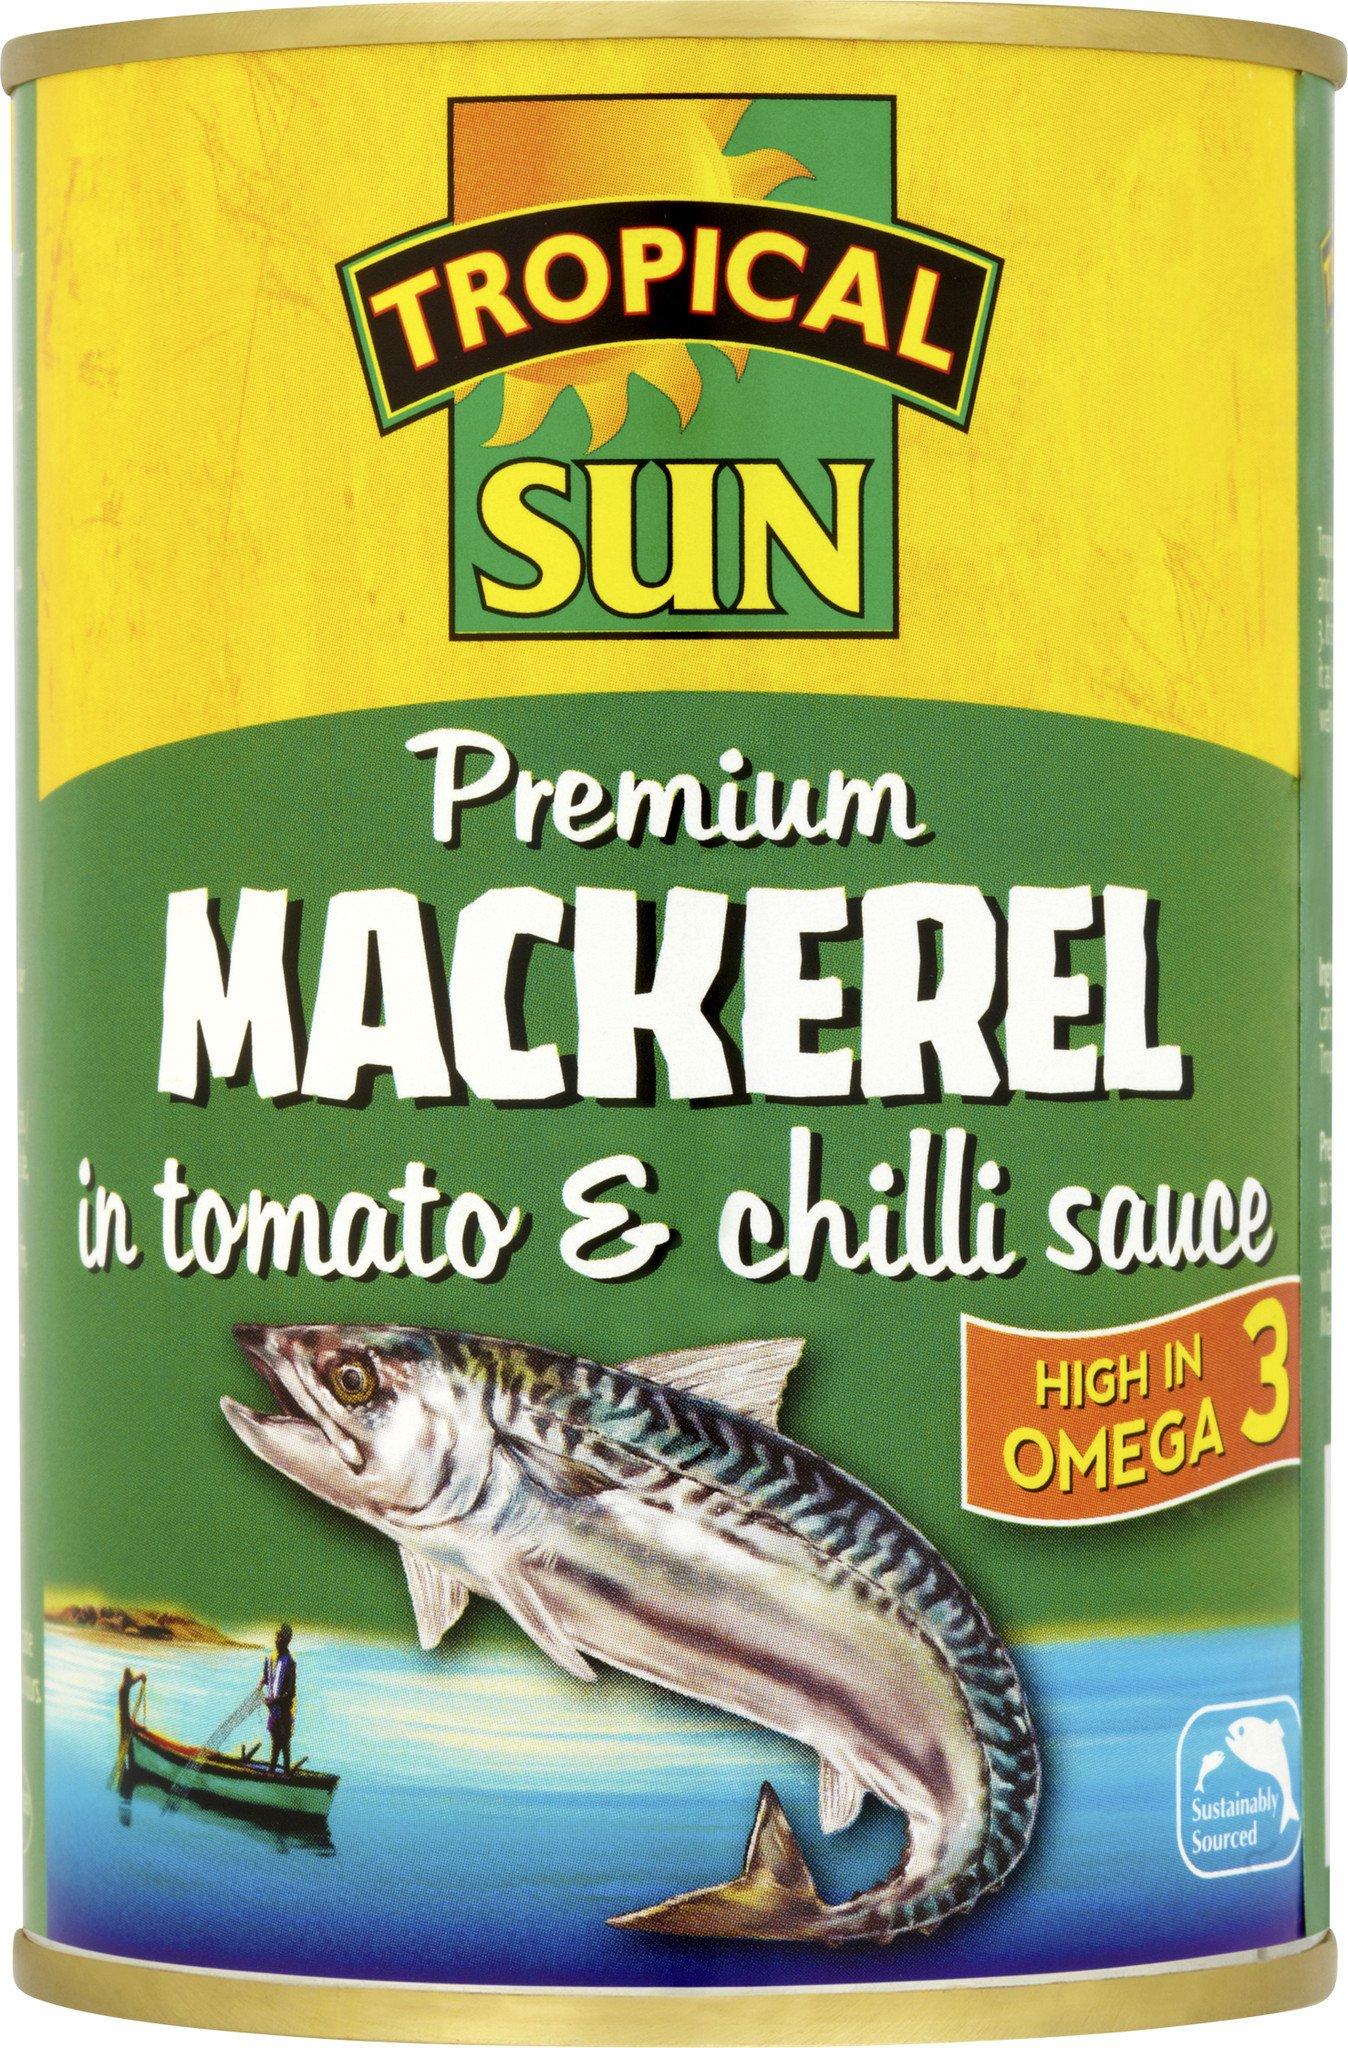 Tropical Sun Mackerel In Tomato & Chilli Sauce